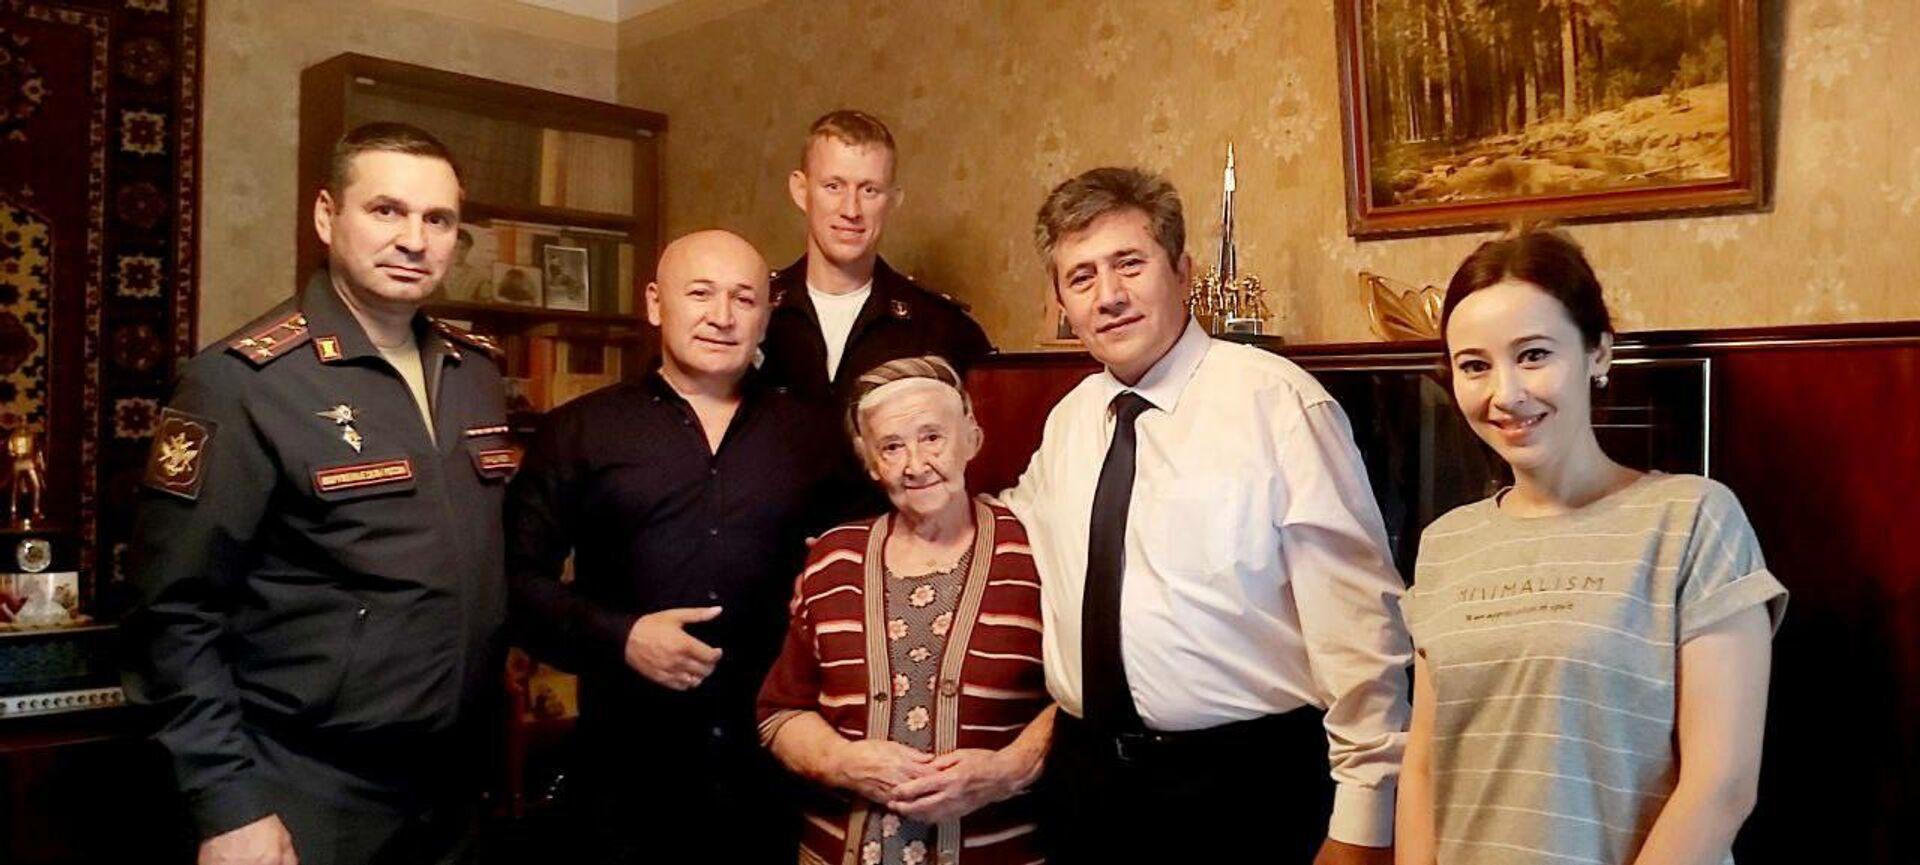 Посольство РФ в Узбекистане передало матпомощь ветеранам - Sputnik Ўзбекистон, 1920, 06.10.2021